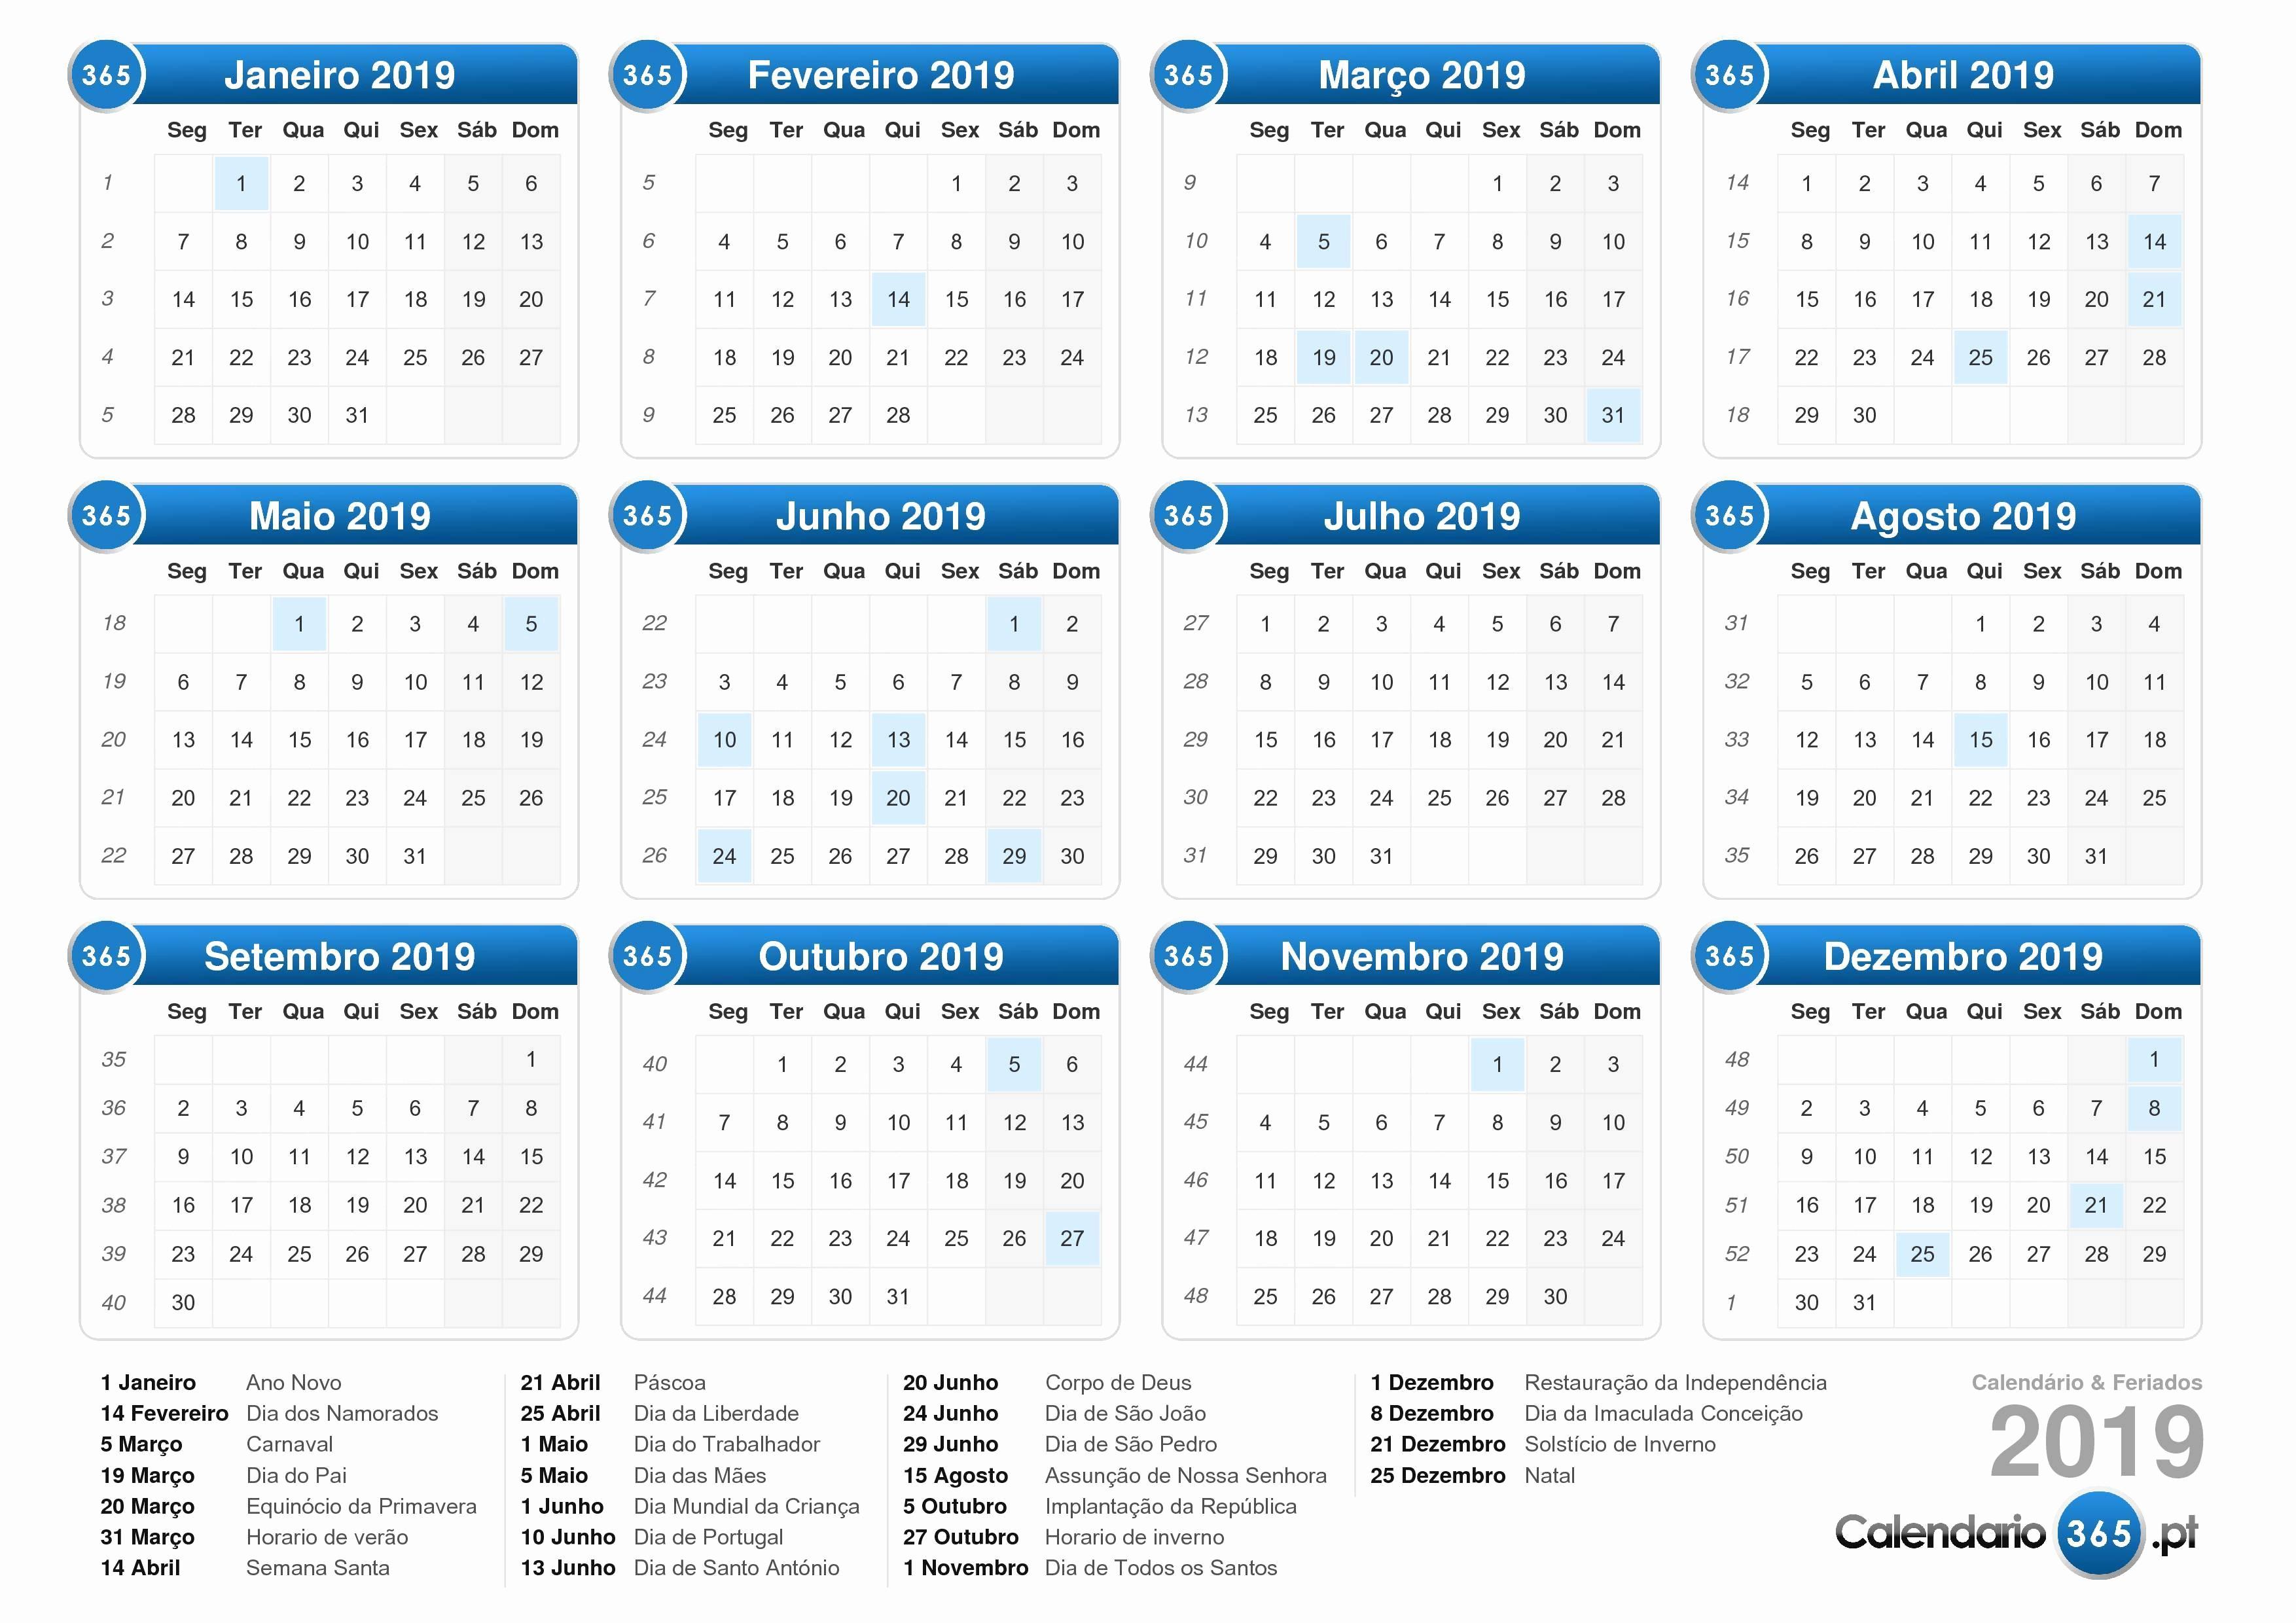 Calendario Dr 2019 Calendario 2019